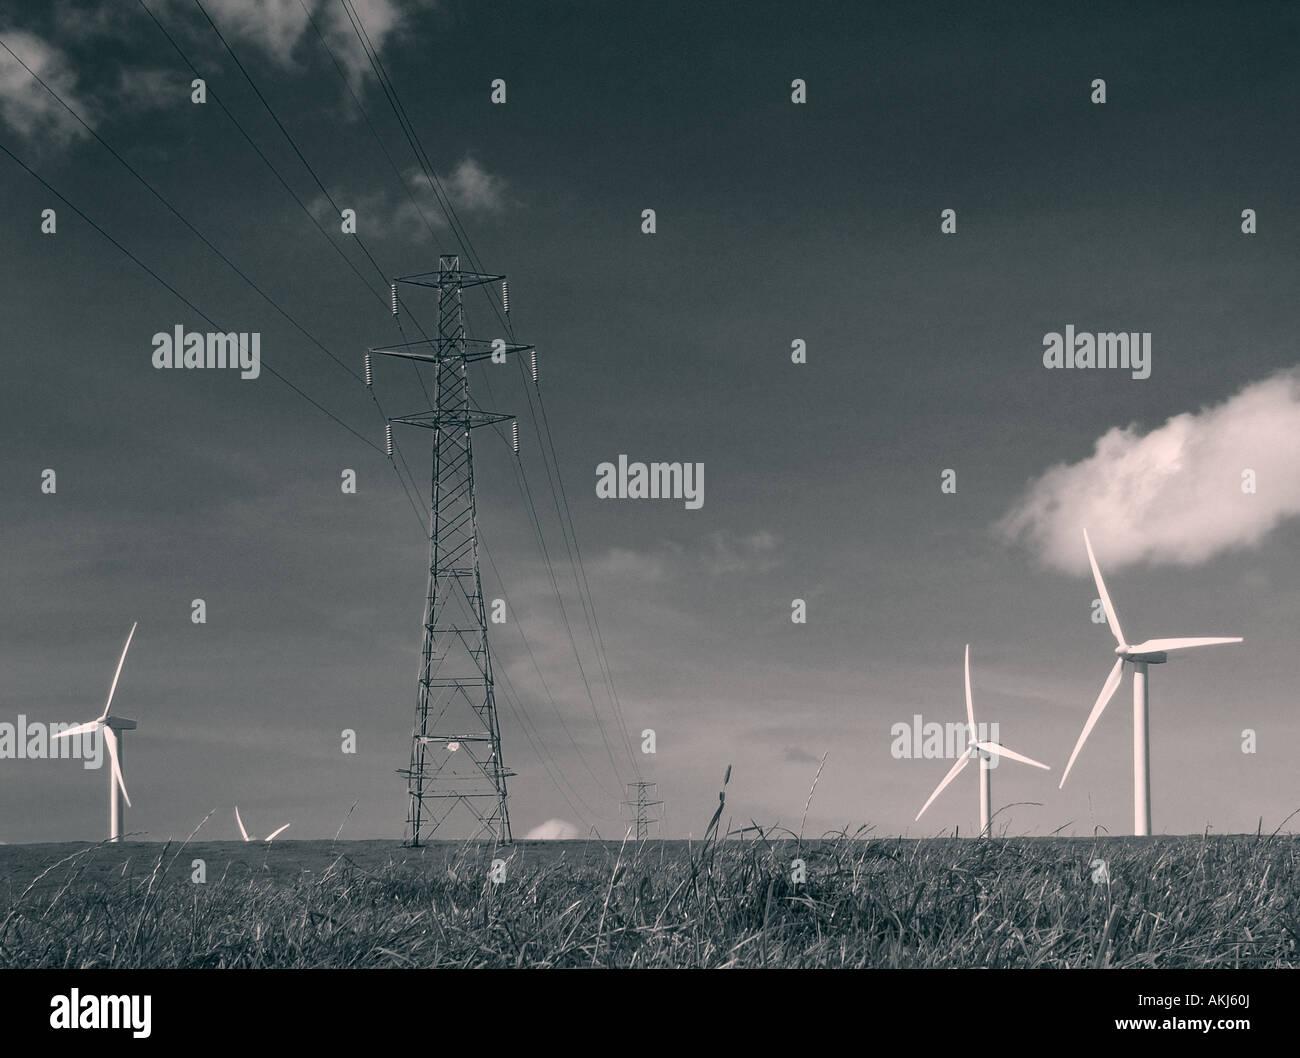 Windkraftanlagen, erneuerbare Energien Landschaftsbild von Windkraftanlagen Stockbild